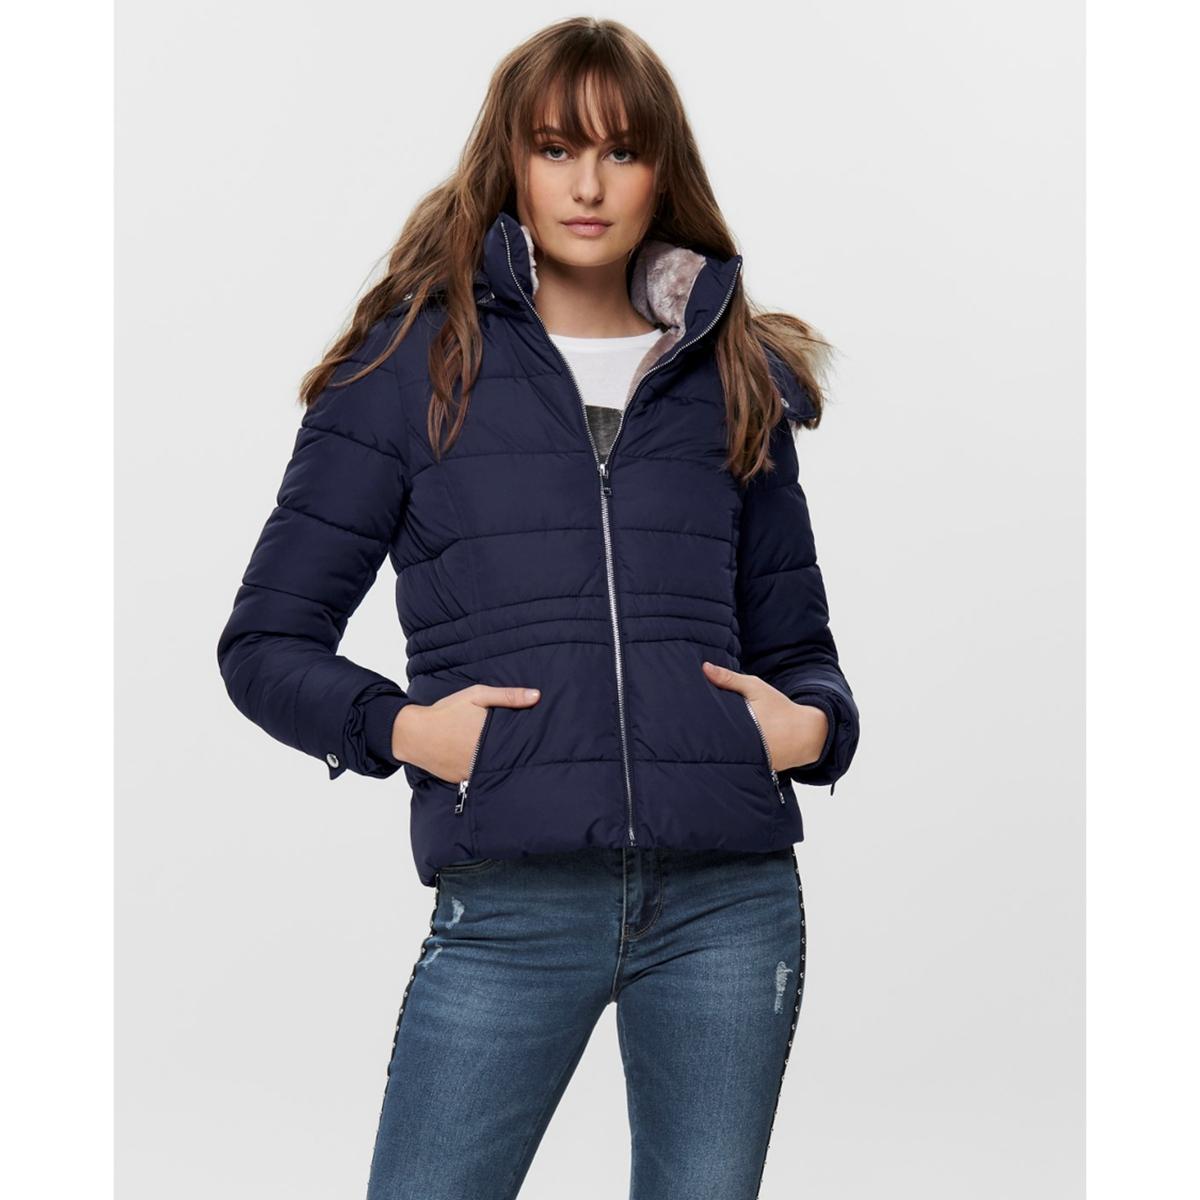 Куртка La Redoute Стеганая короткая с капюшоном и воротником из искусственного меха XS синий куртка la redoute стеганая короткая nebraska с воротником стойкой на молнии s синий